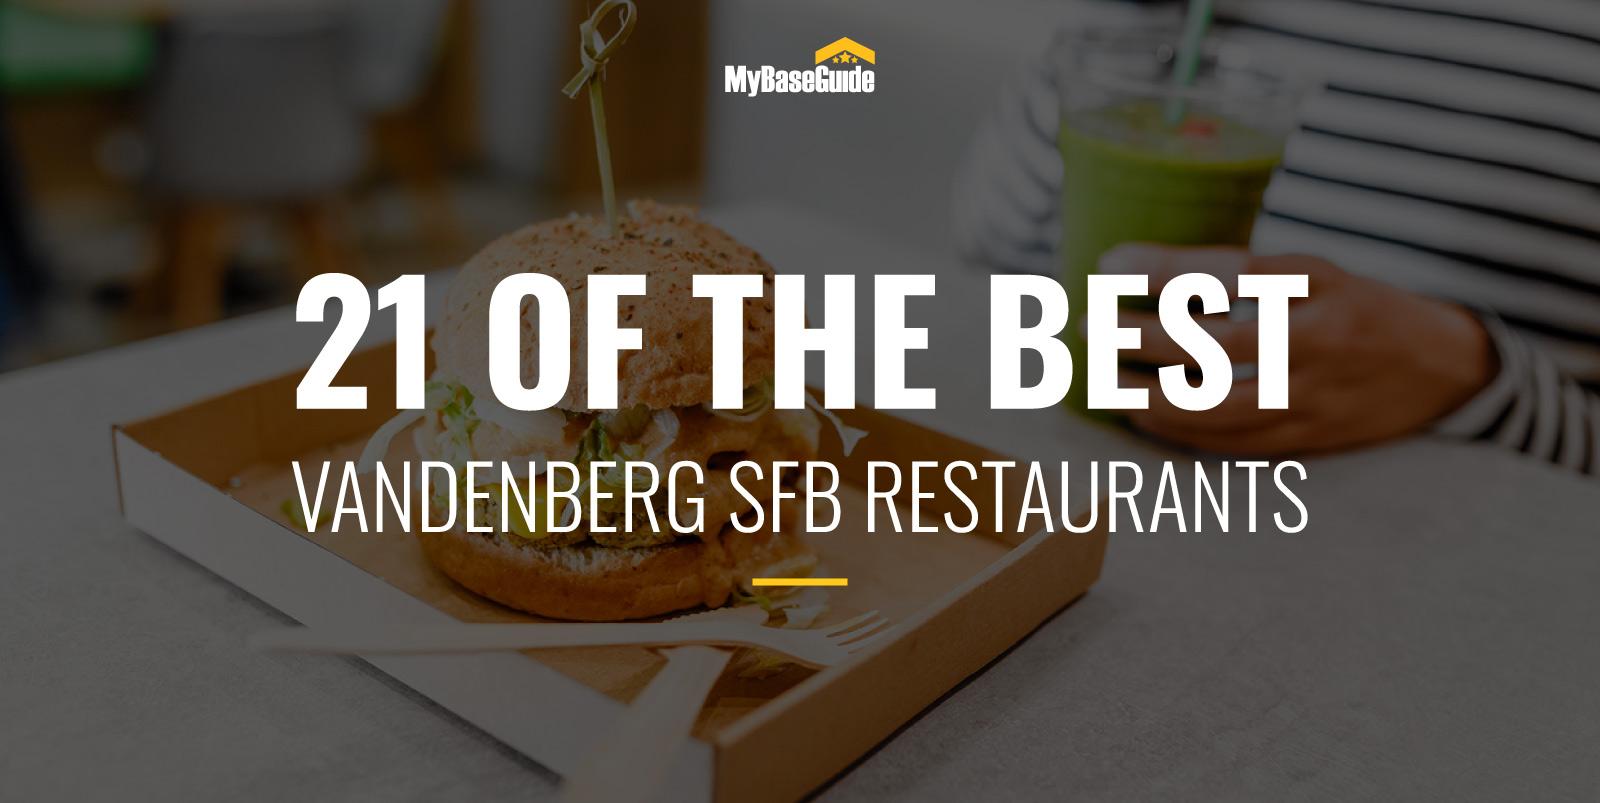 21 Restaurants Near Vandenberg AFB (Now Vandenberg Space Force Base)